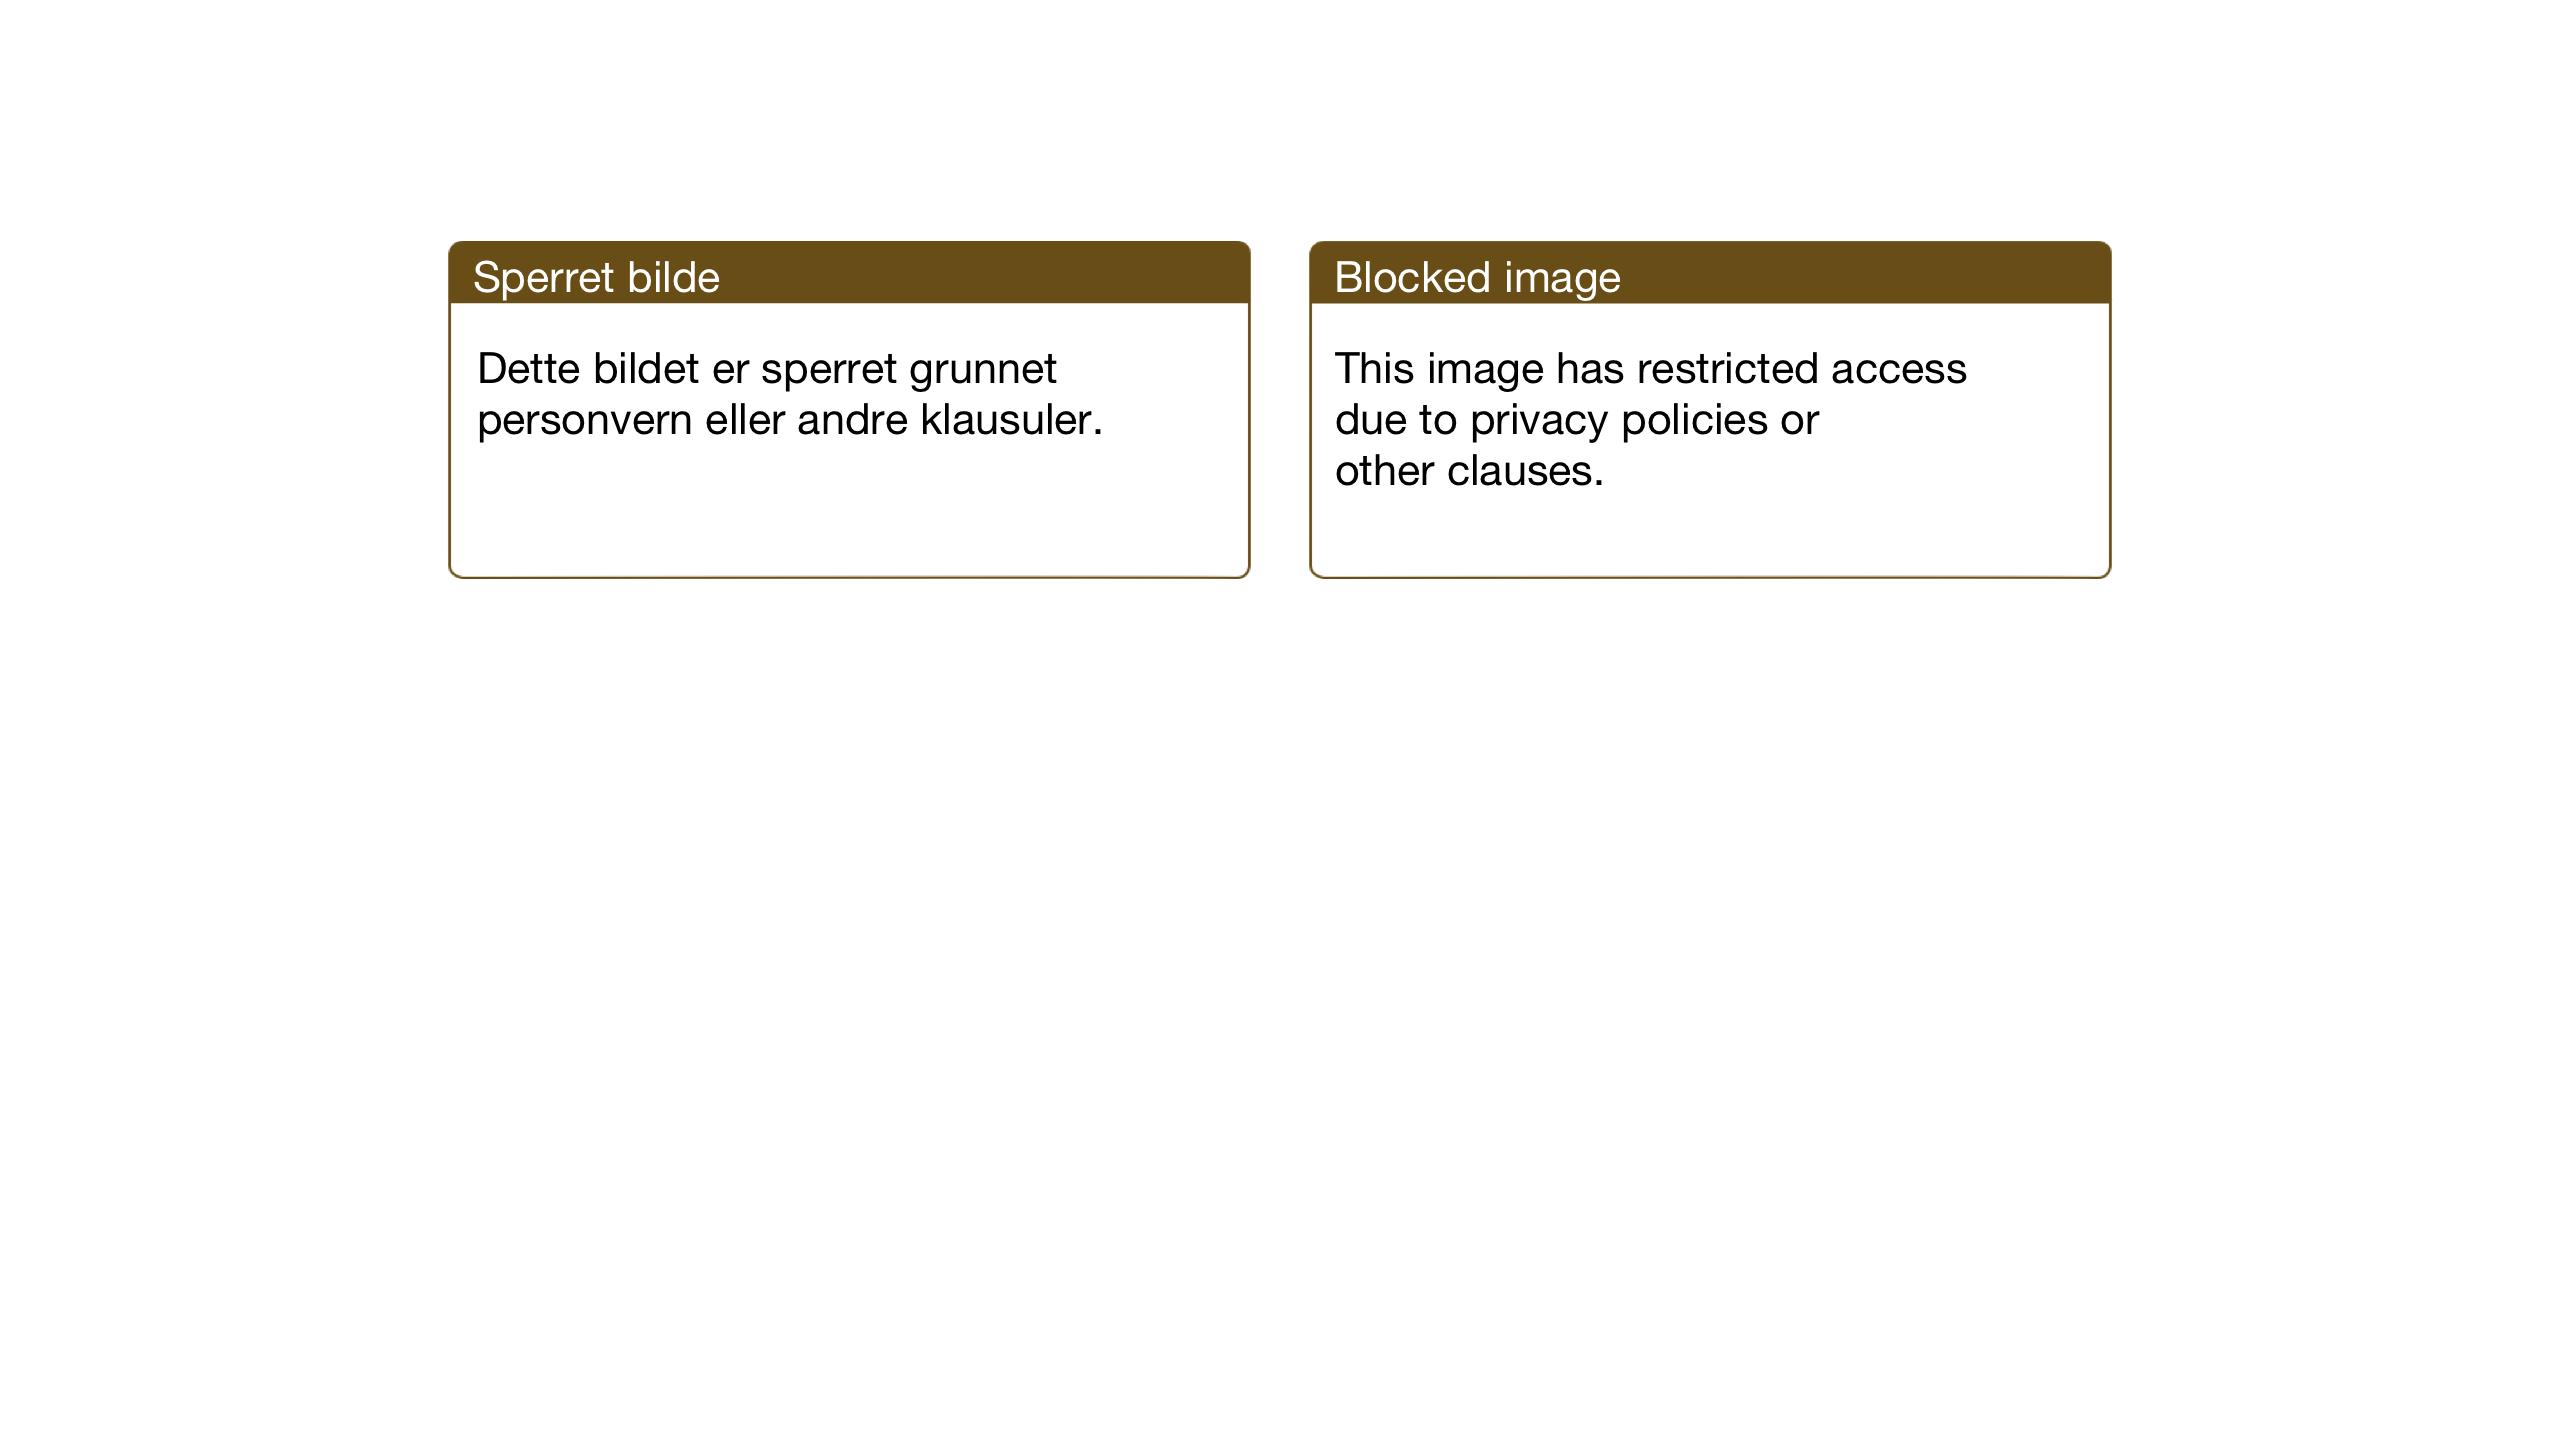 SAT, Ministerialprotokoller, klokkerbøker og fødselsregistre - Nord-Trøndelag, 786/L0689: Klokkerbok nr. 786C01, 1940-1948, s. 94-95